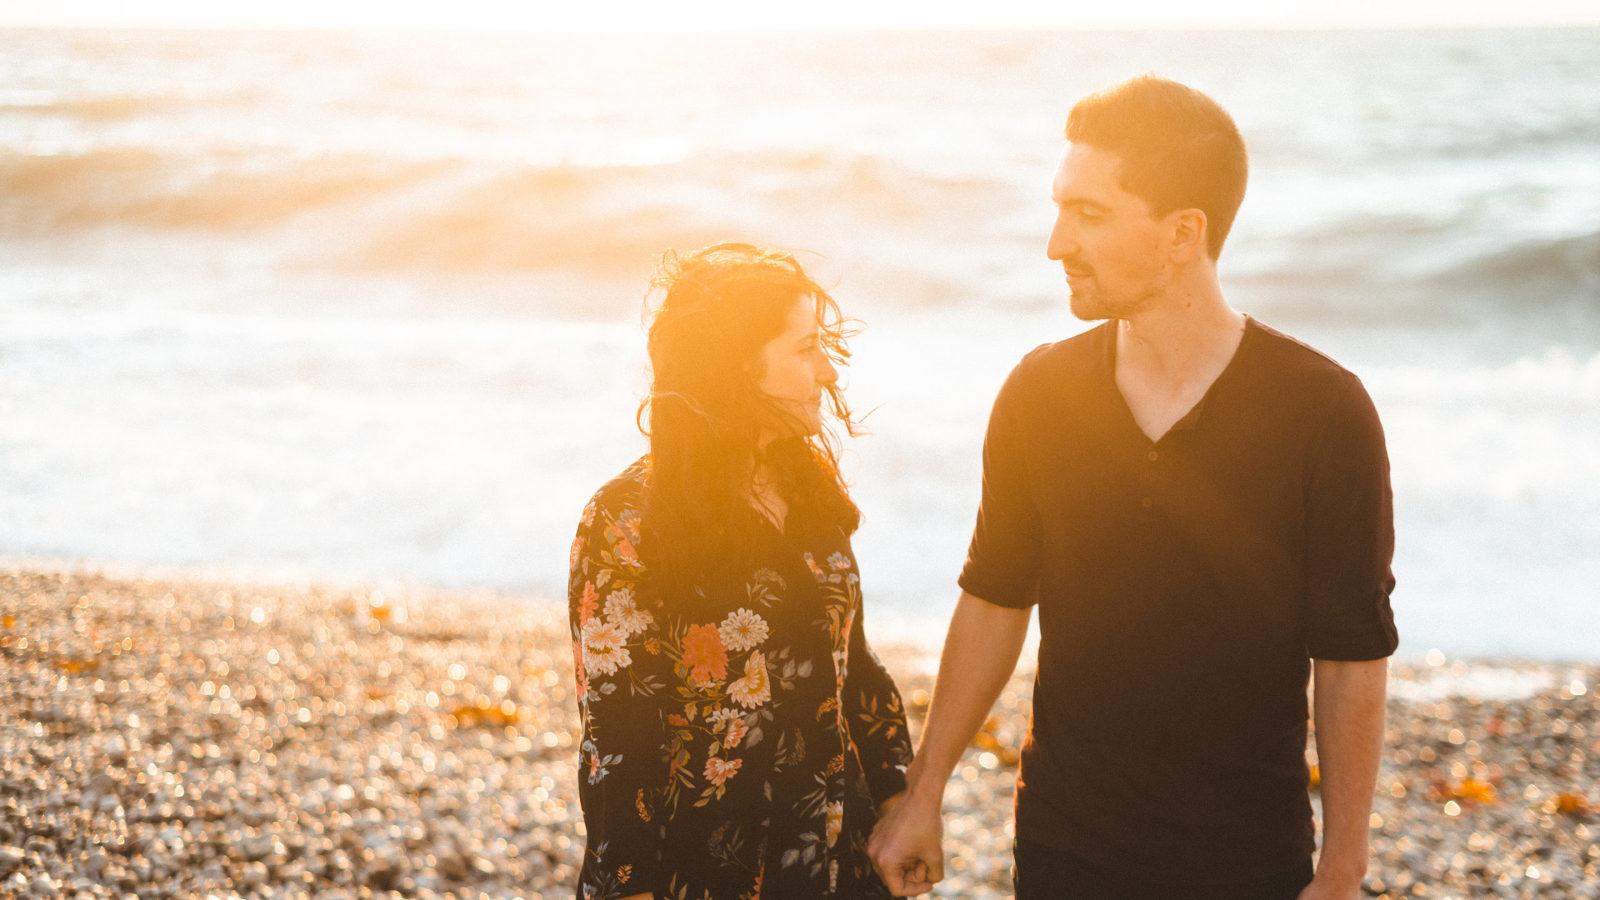 amoureux couple plage cailloux ocean mer normandie photographe famille toulouse amandine gimenez